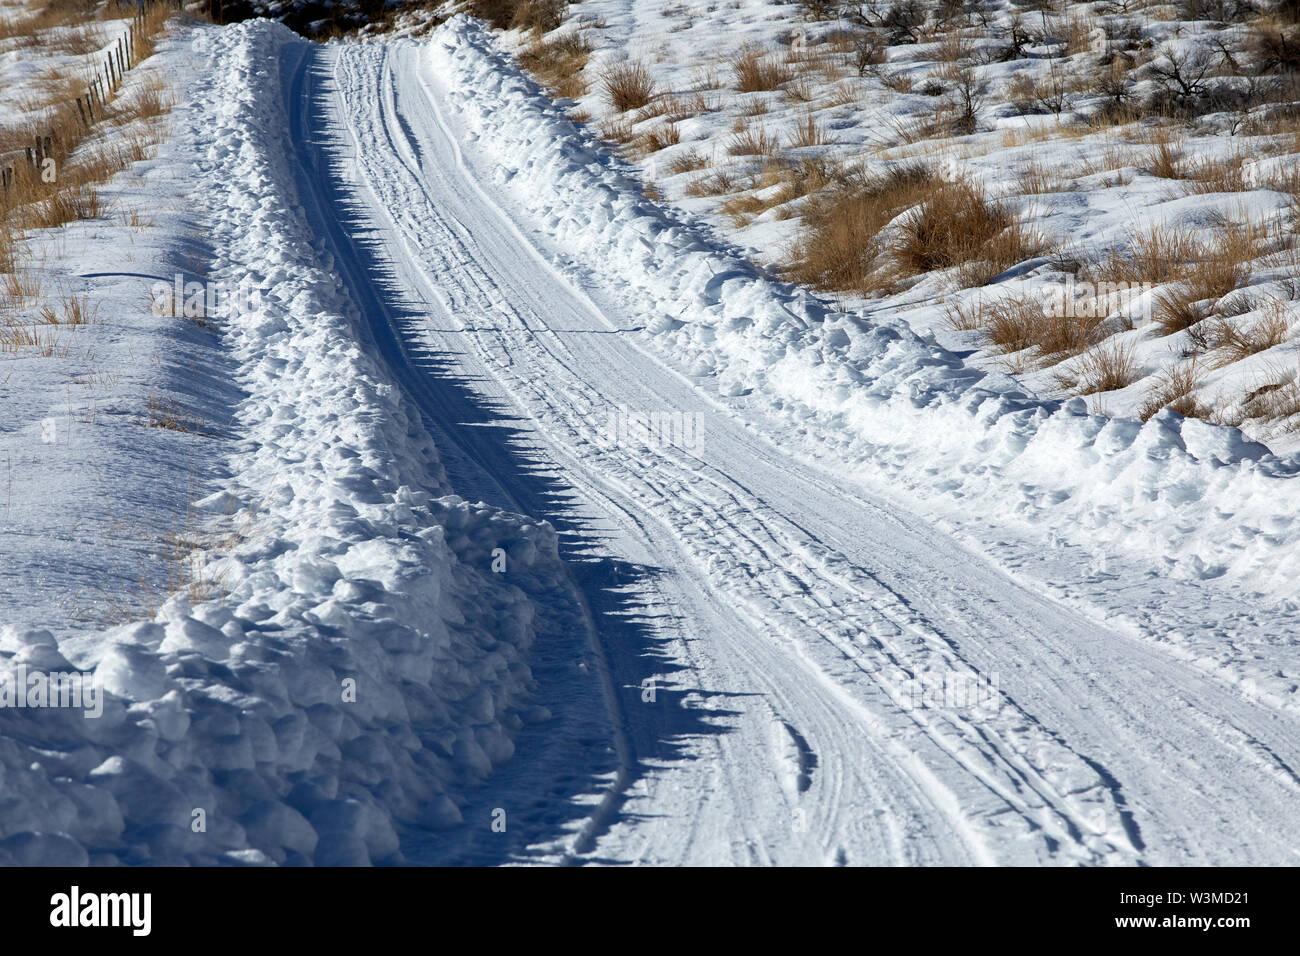 Tire tracks through snow - Stock Image